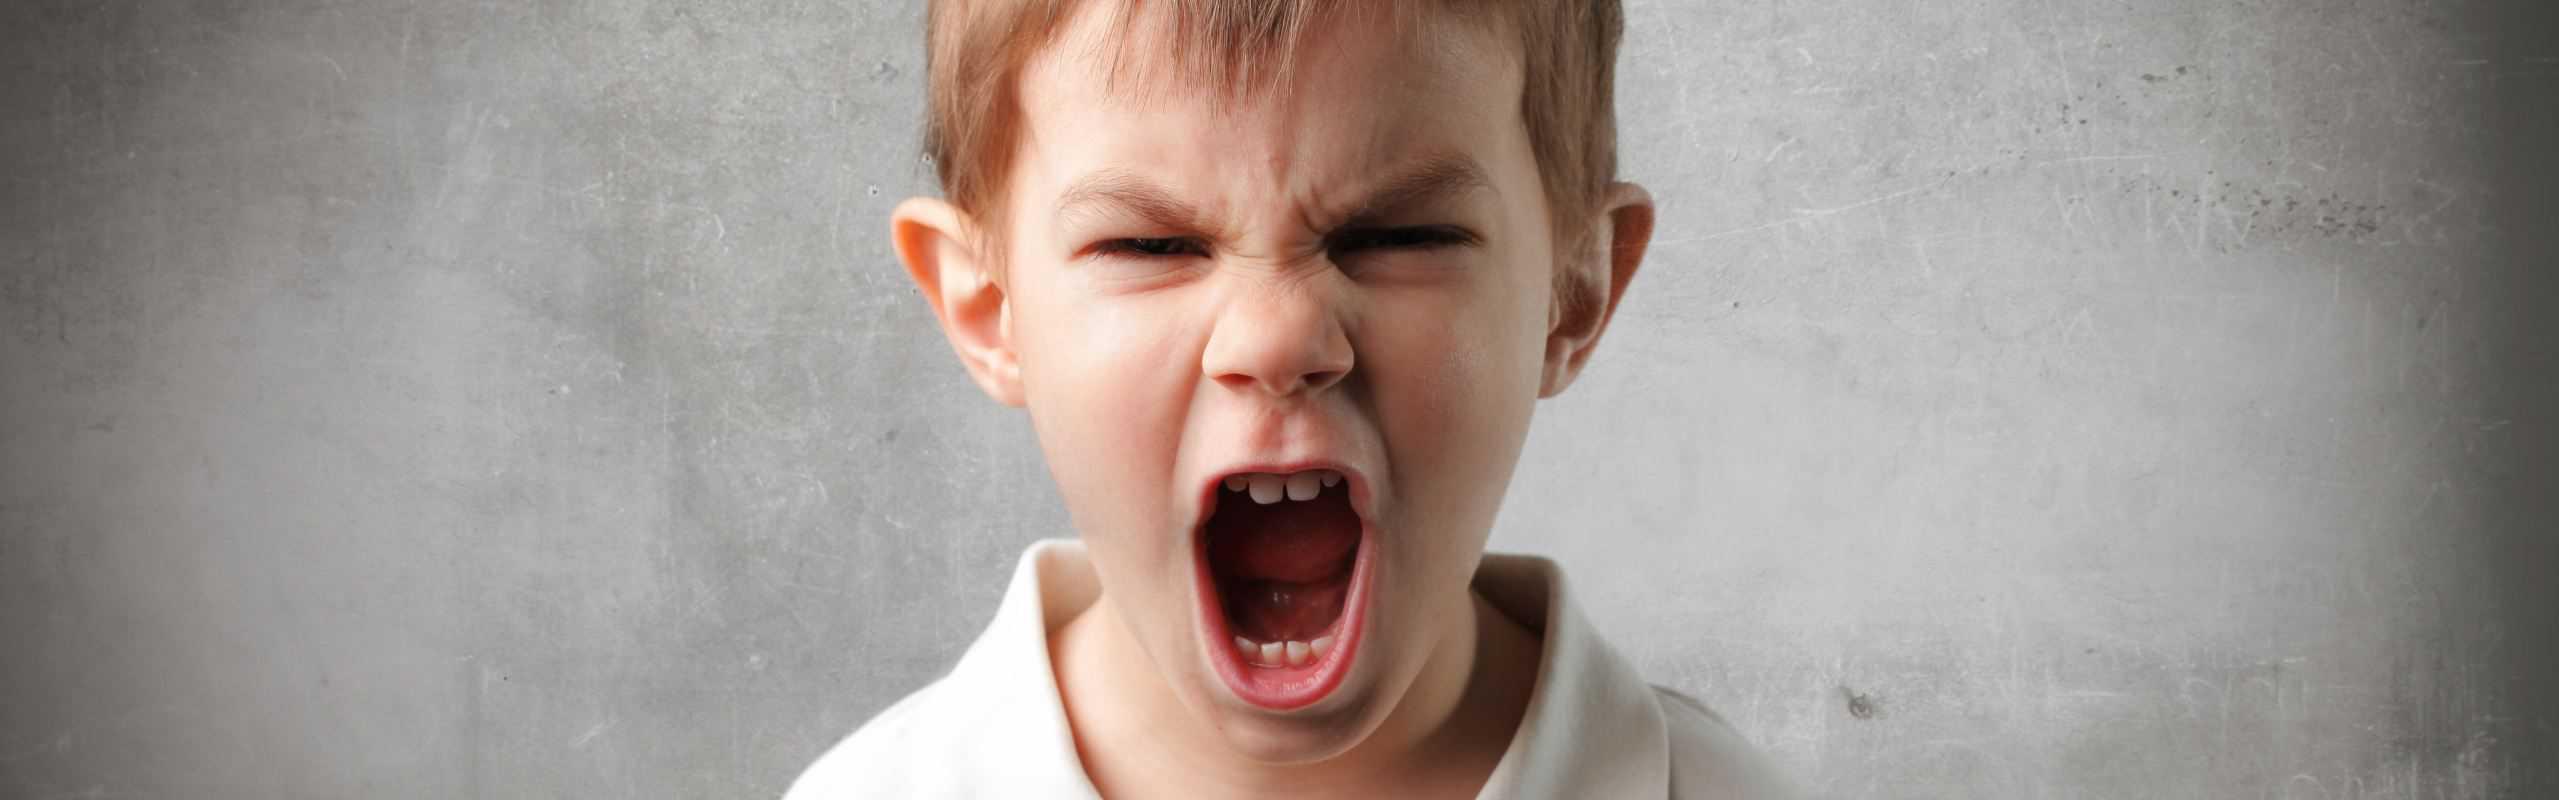 cómo detectar el síndrome del emperador en los niños